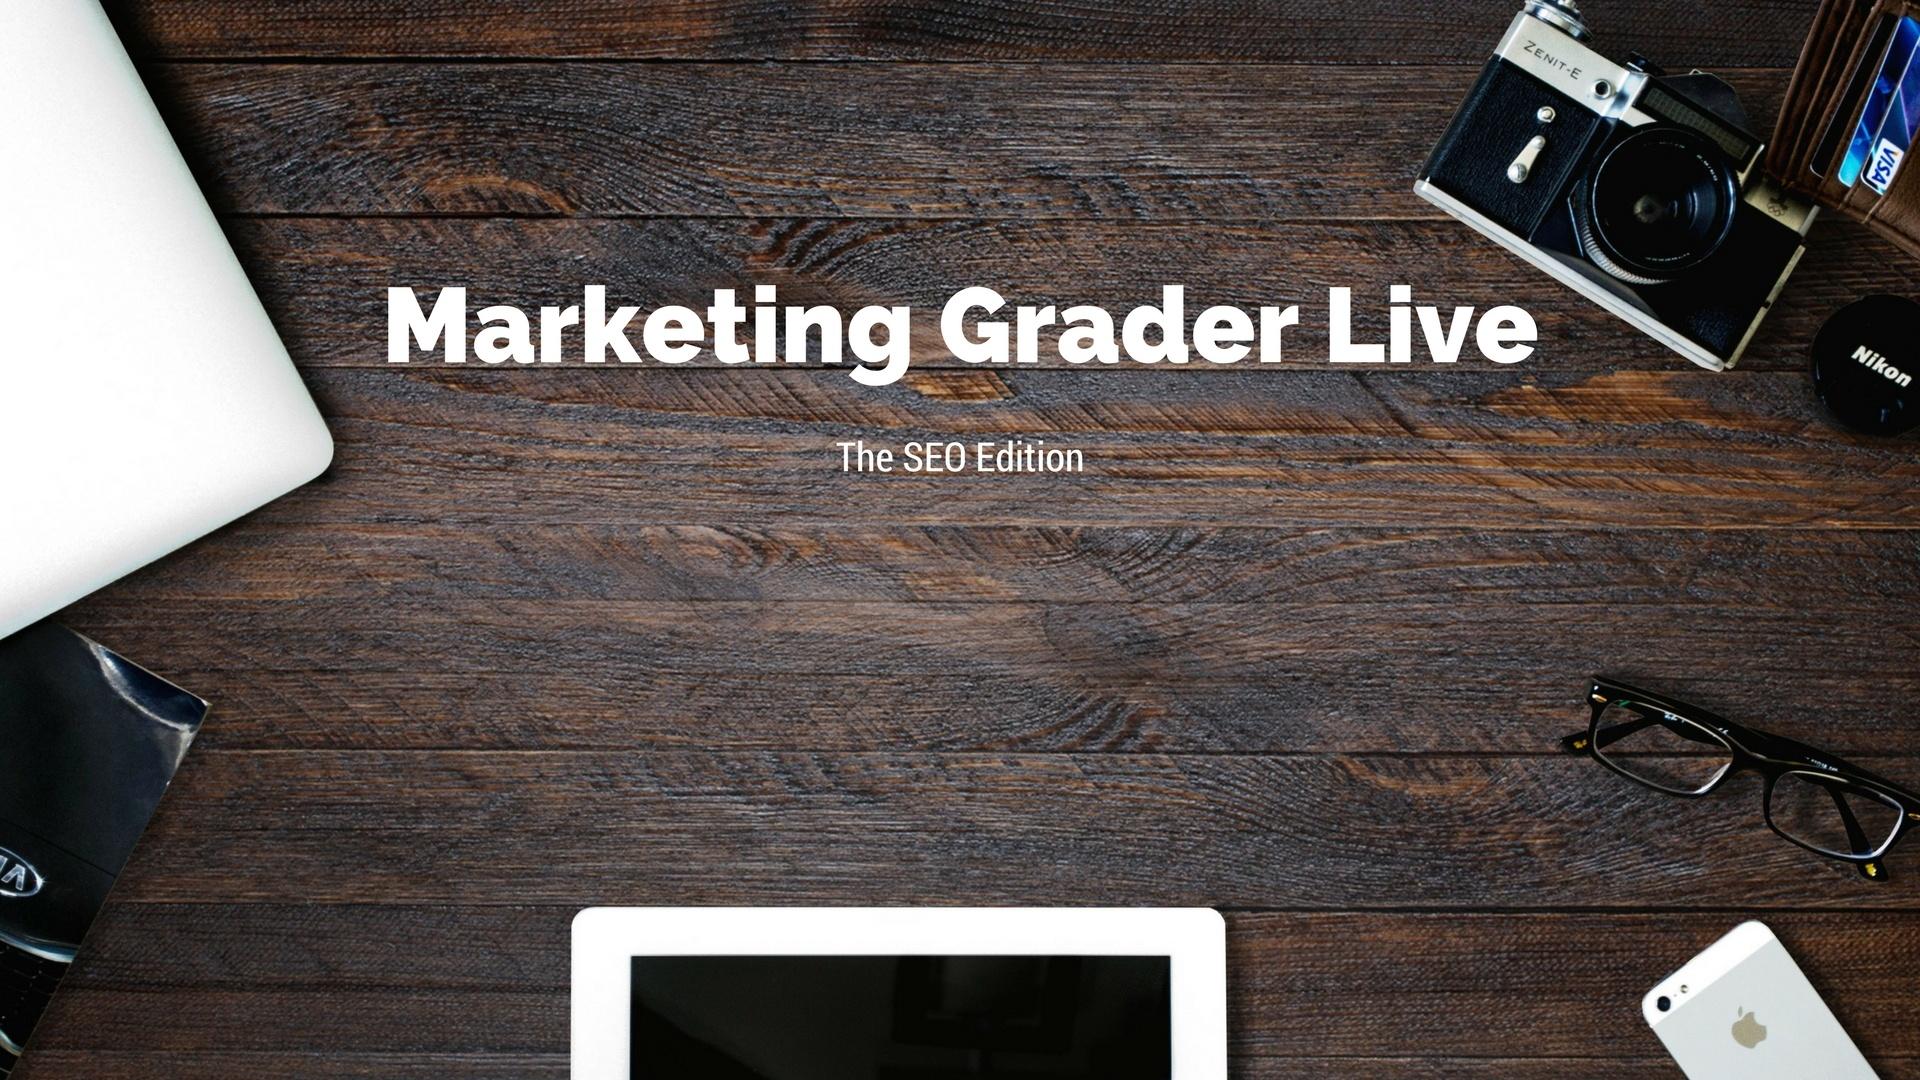 Marketing_Grader_Webinar_EmailHeader_New_1-2.png